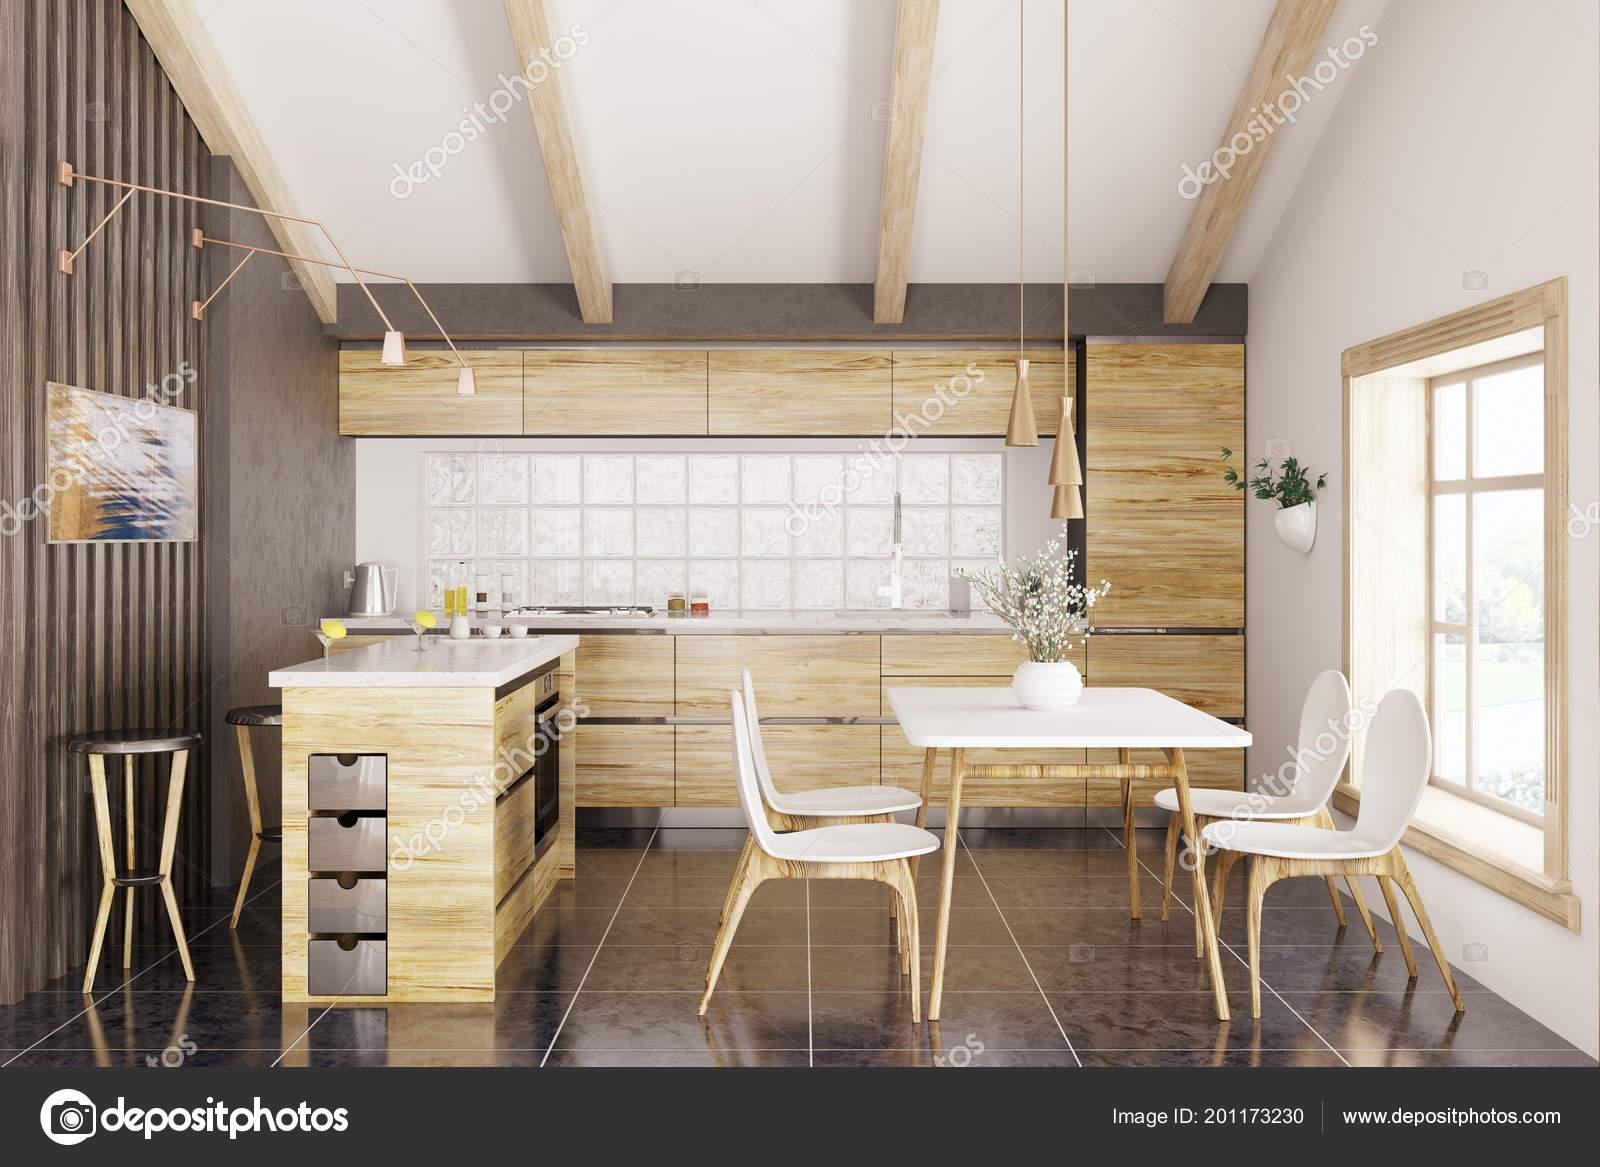 Moderne Kuche Mit Weissem Granit Zahler Fenster Tisch Und Stuhle